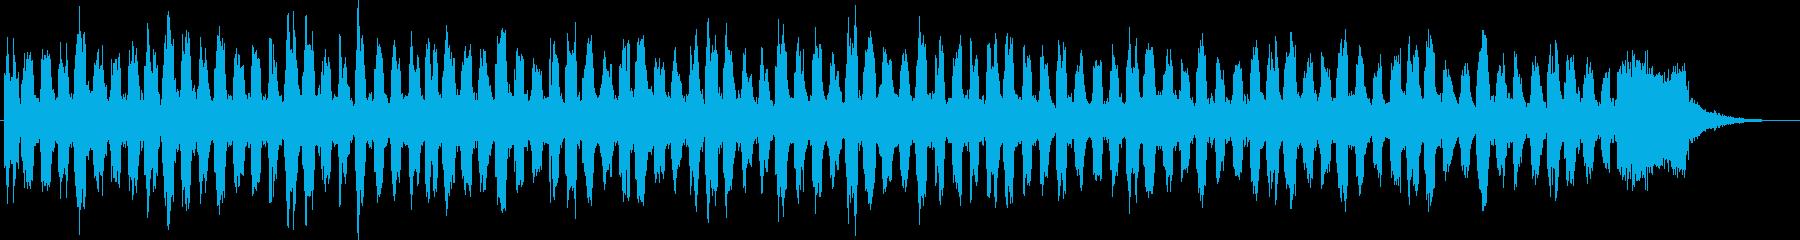 ホルンとベースとシンセの不思議な世界2の再生済みの波形